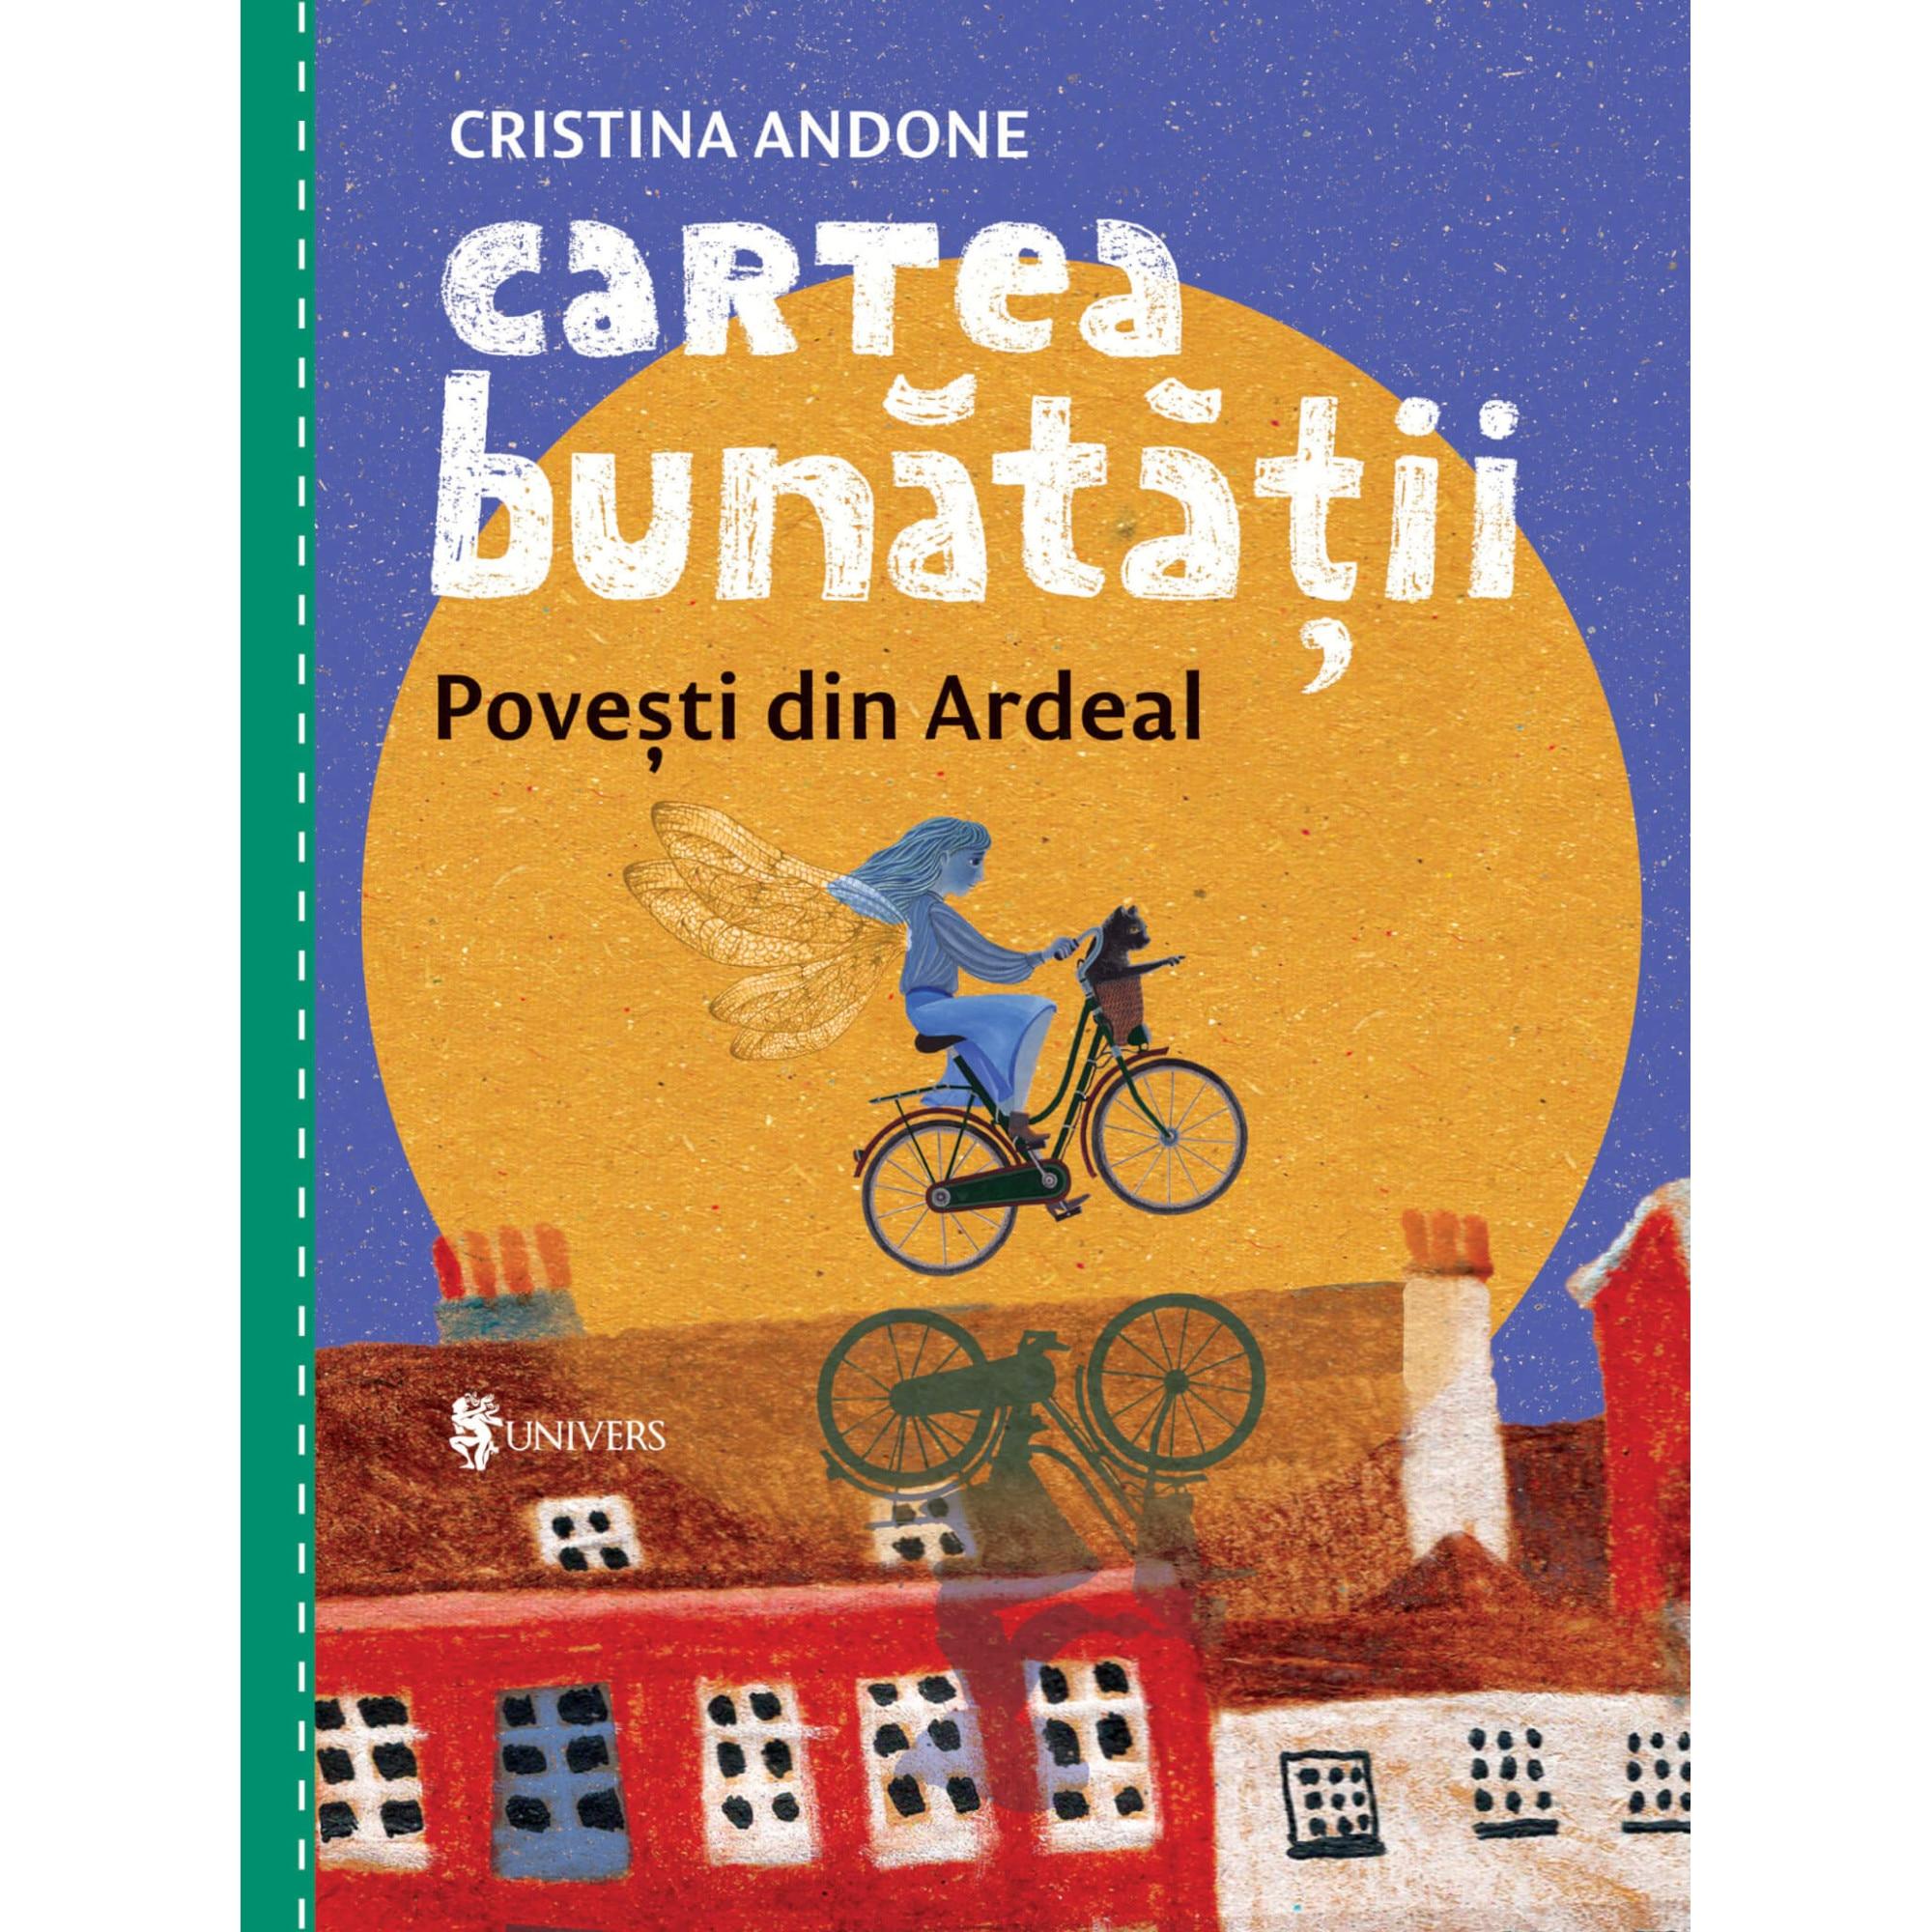 Fotografie Cartea bunatatii, povesti din Ardeal, Cristina Andone